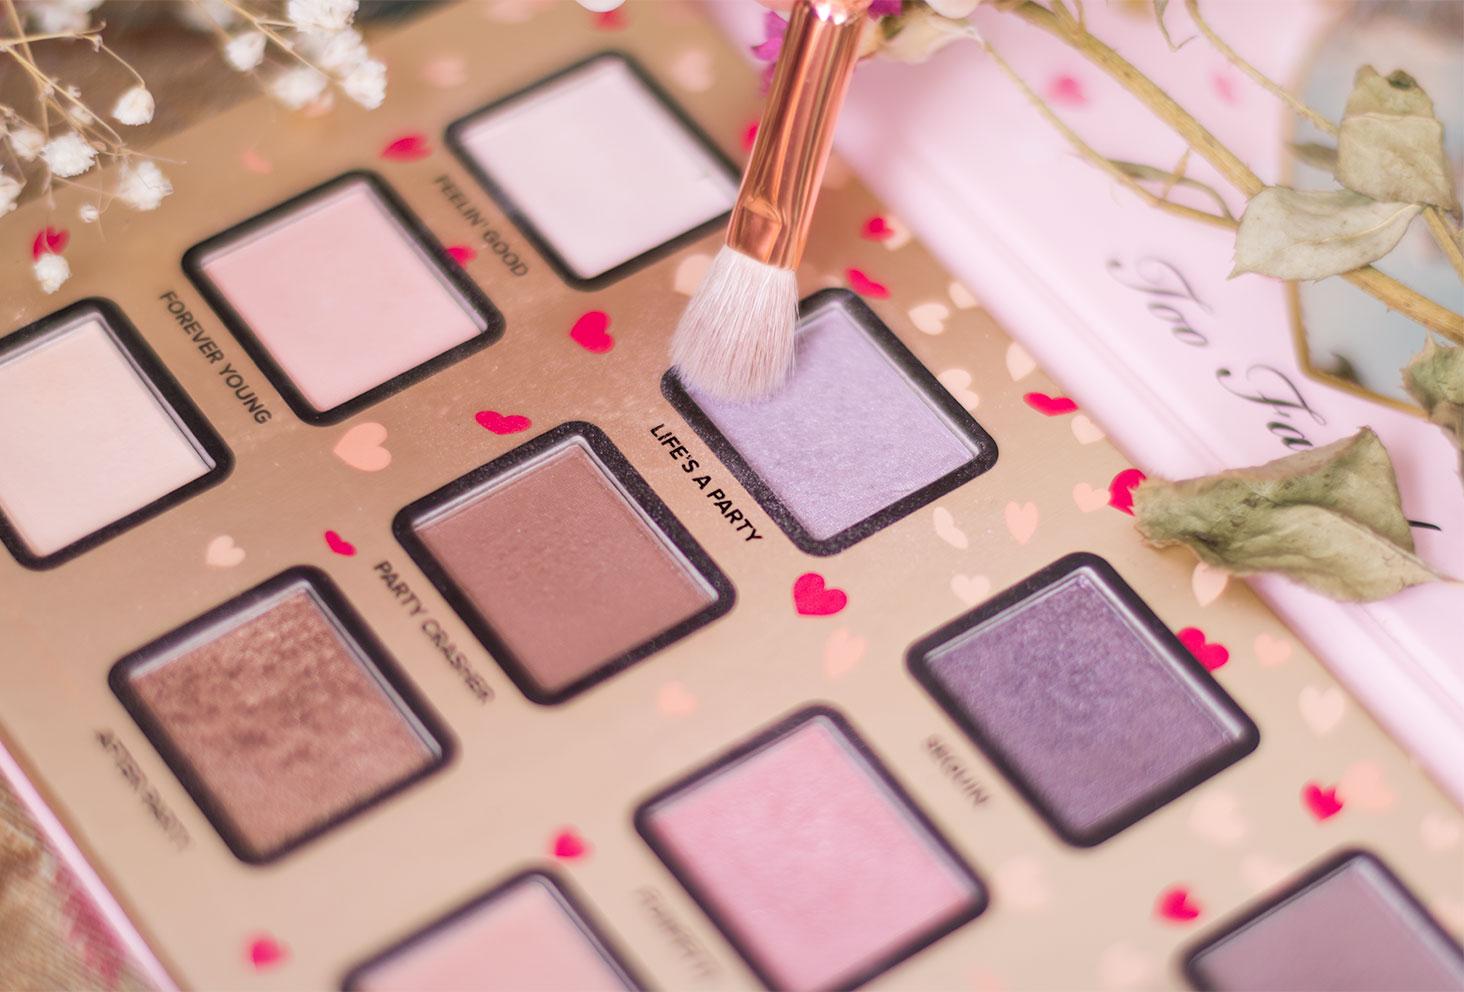 Zoom sur le fard 6, violet irisé, à utiliser pour le make-up avec la palette Funfetti de Too Faced